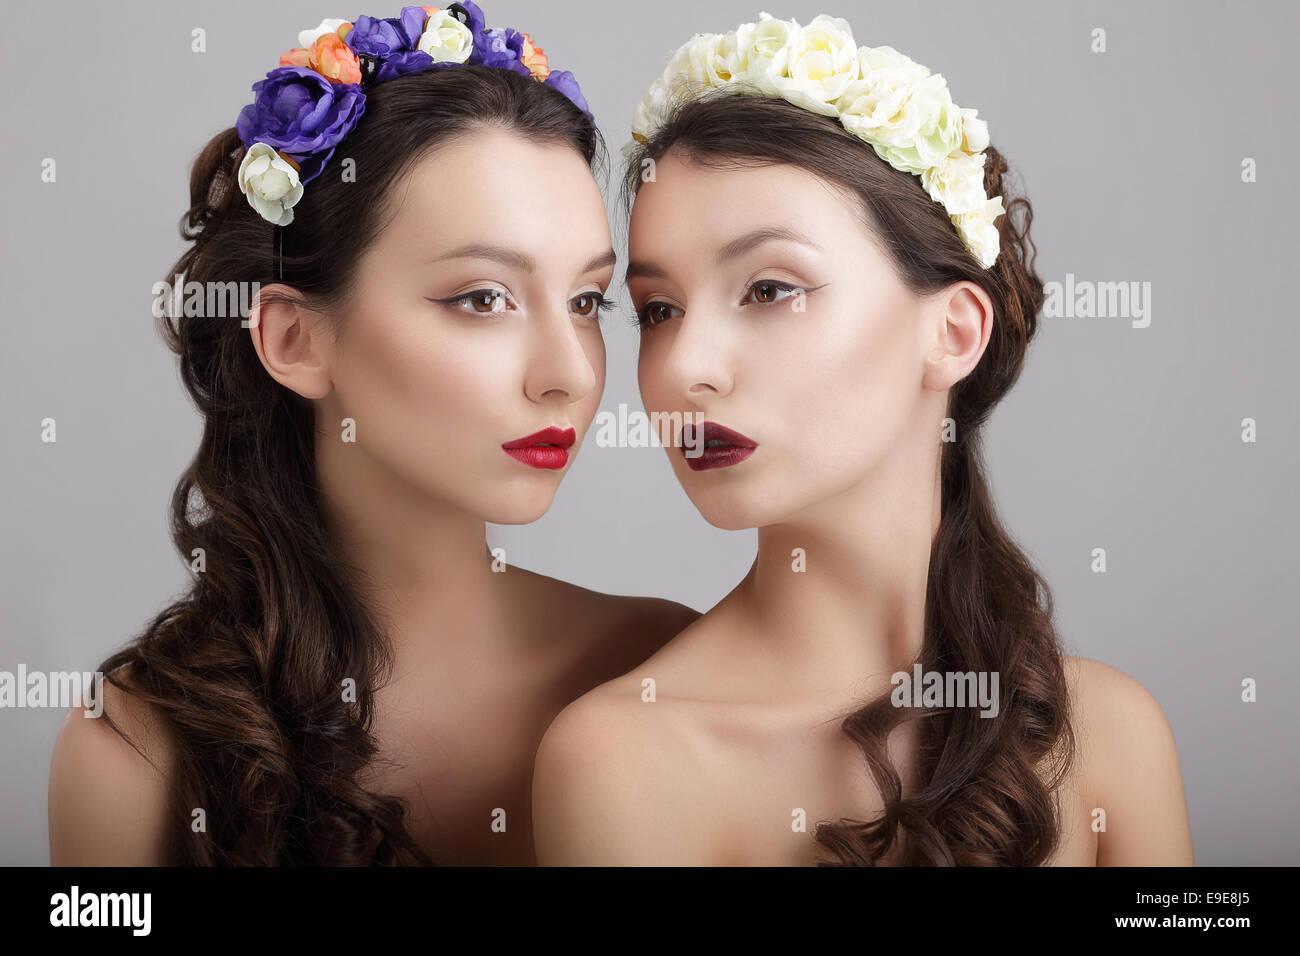 Inspiration.Deux femelles de style et des guirlandes de fleurs Photo Stock